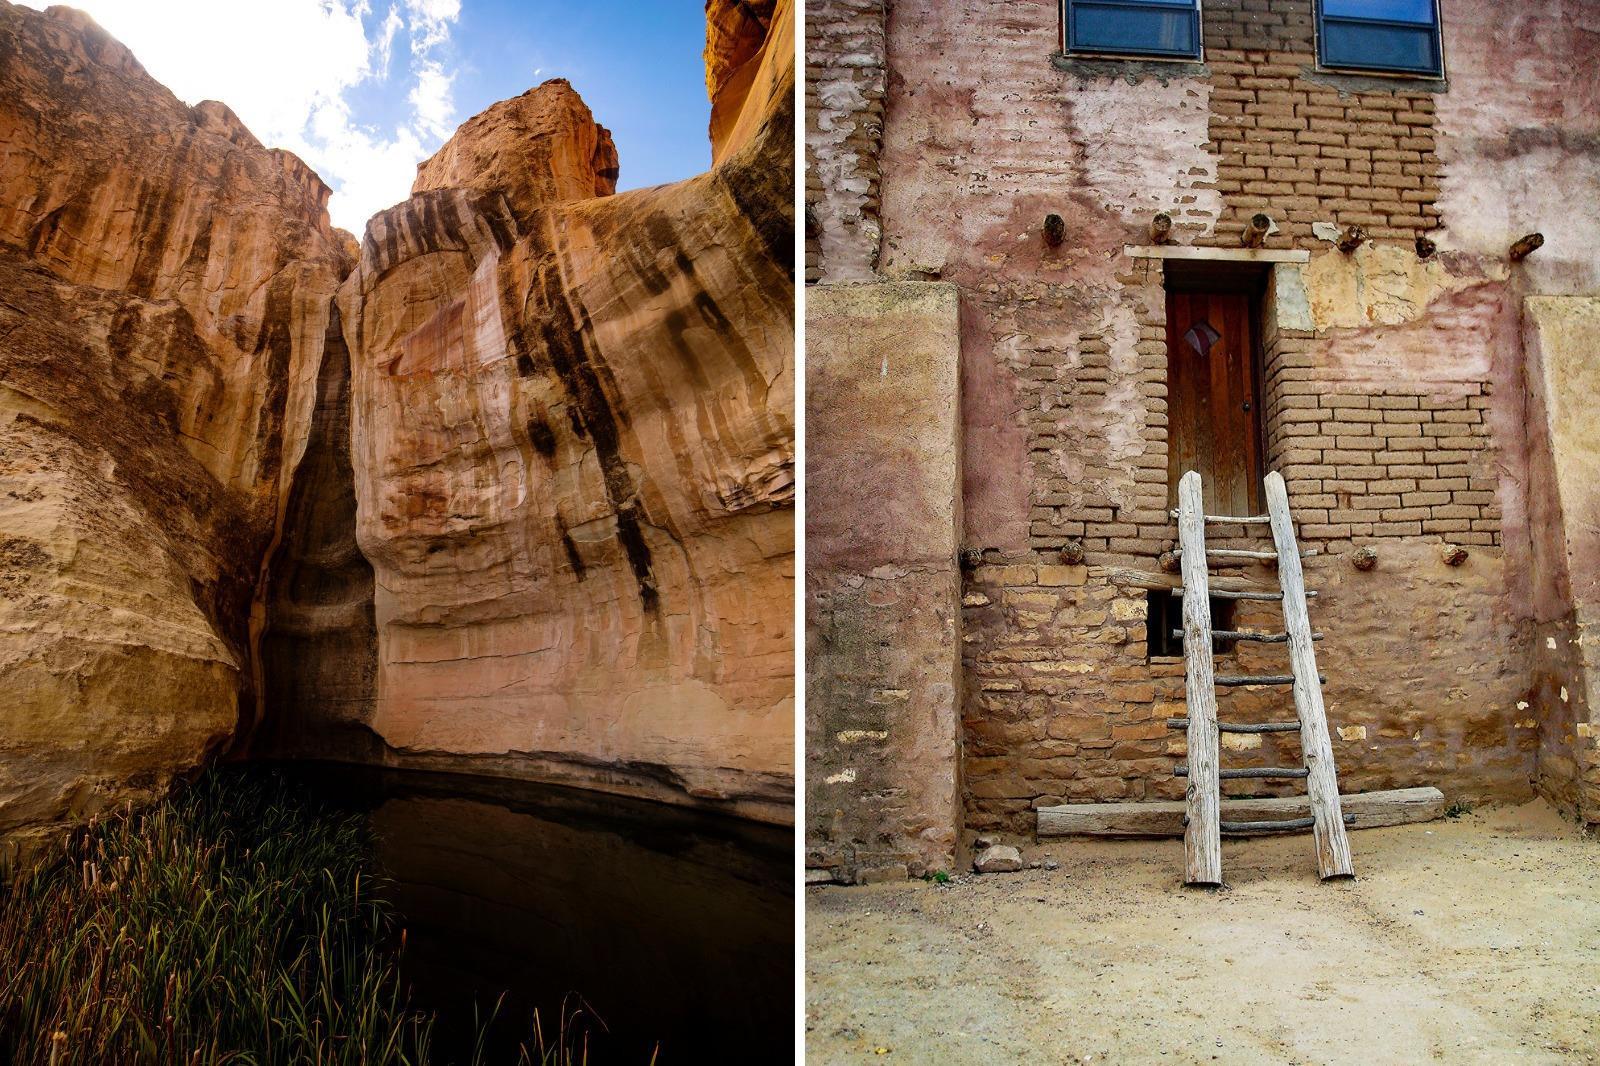 Grants, New Mexico - surroundings